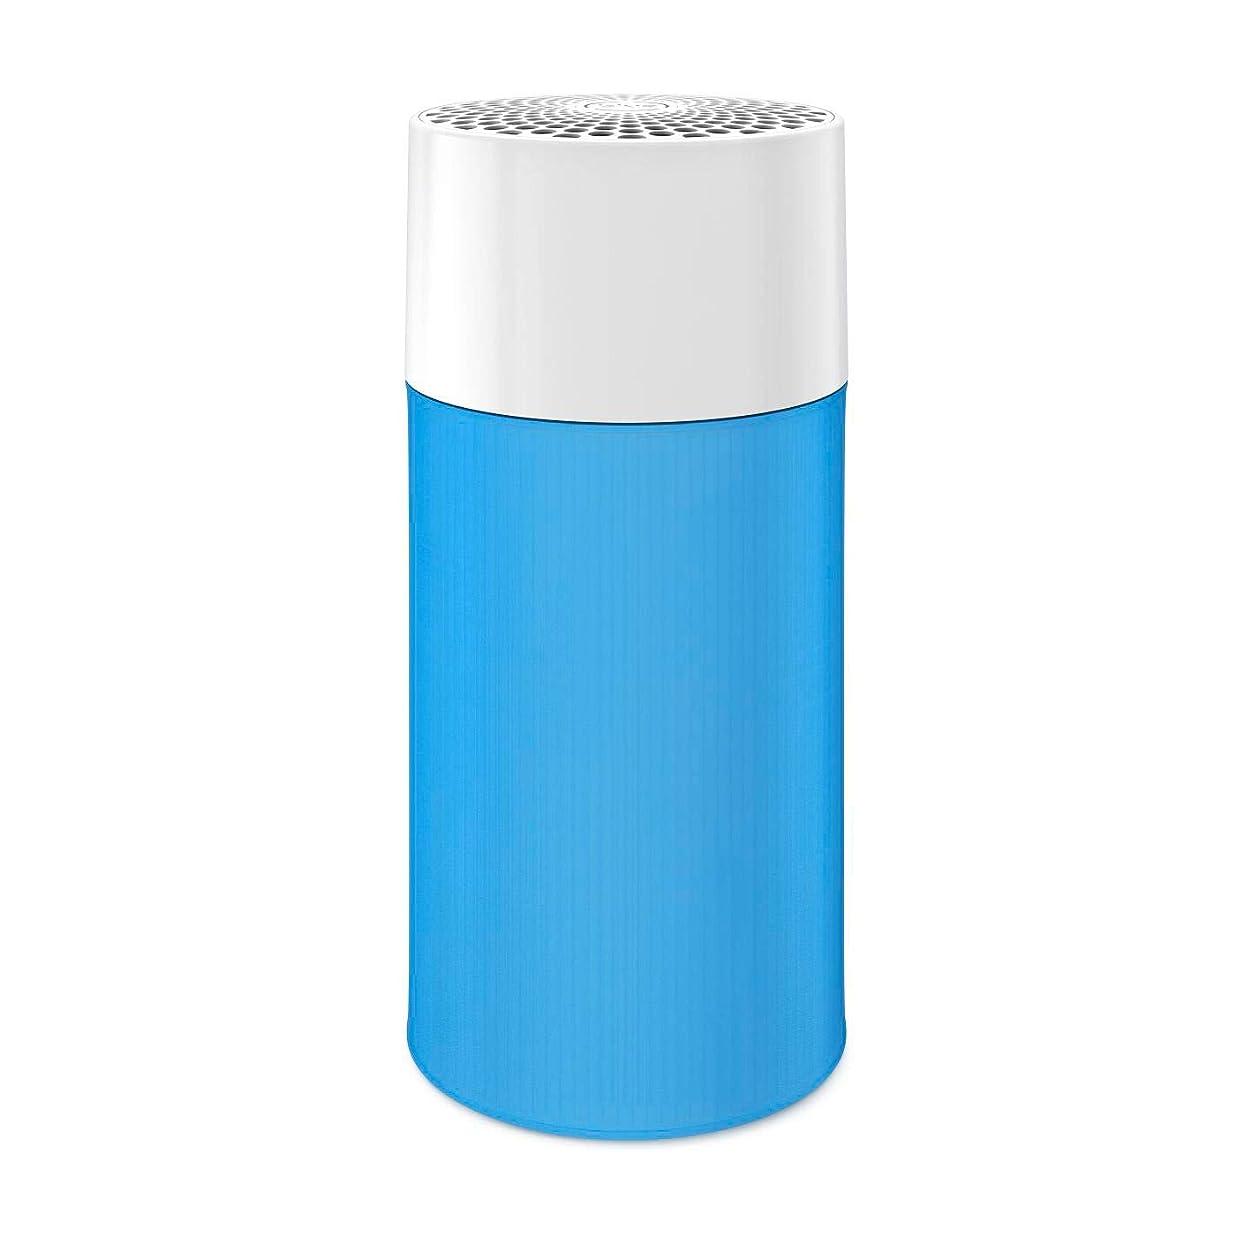 満足できる拡声器顕微鏡ブルーエア 空気清浄機 Blue Pure 411 13畳 Particle + Carbon 360度吸引 花粉症 PM2.5 ハウスダスト 101436